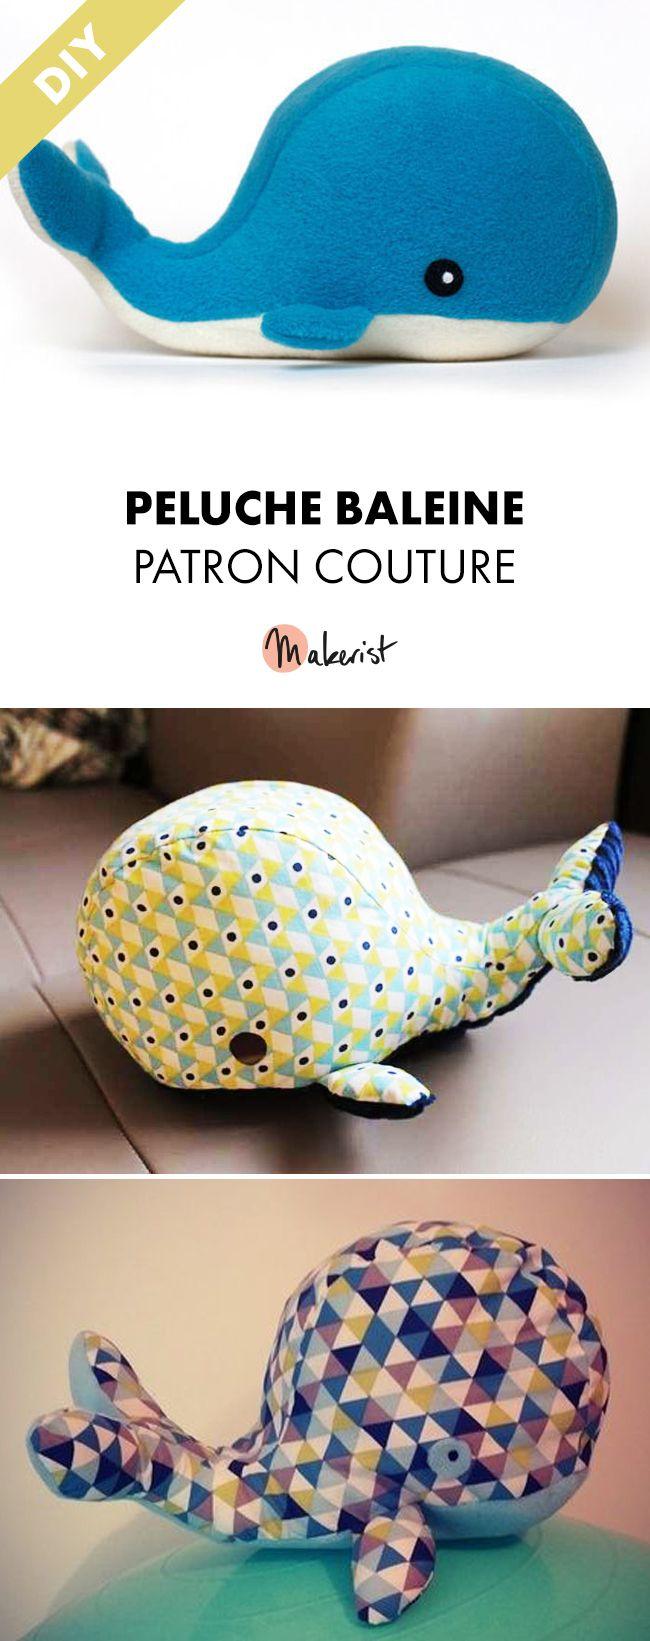 Patron Couture Peluche Baleine - Coudre une baleine